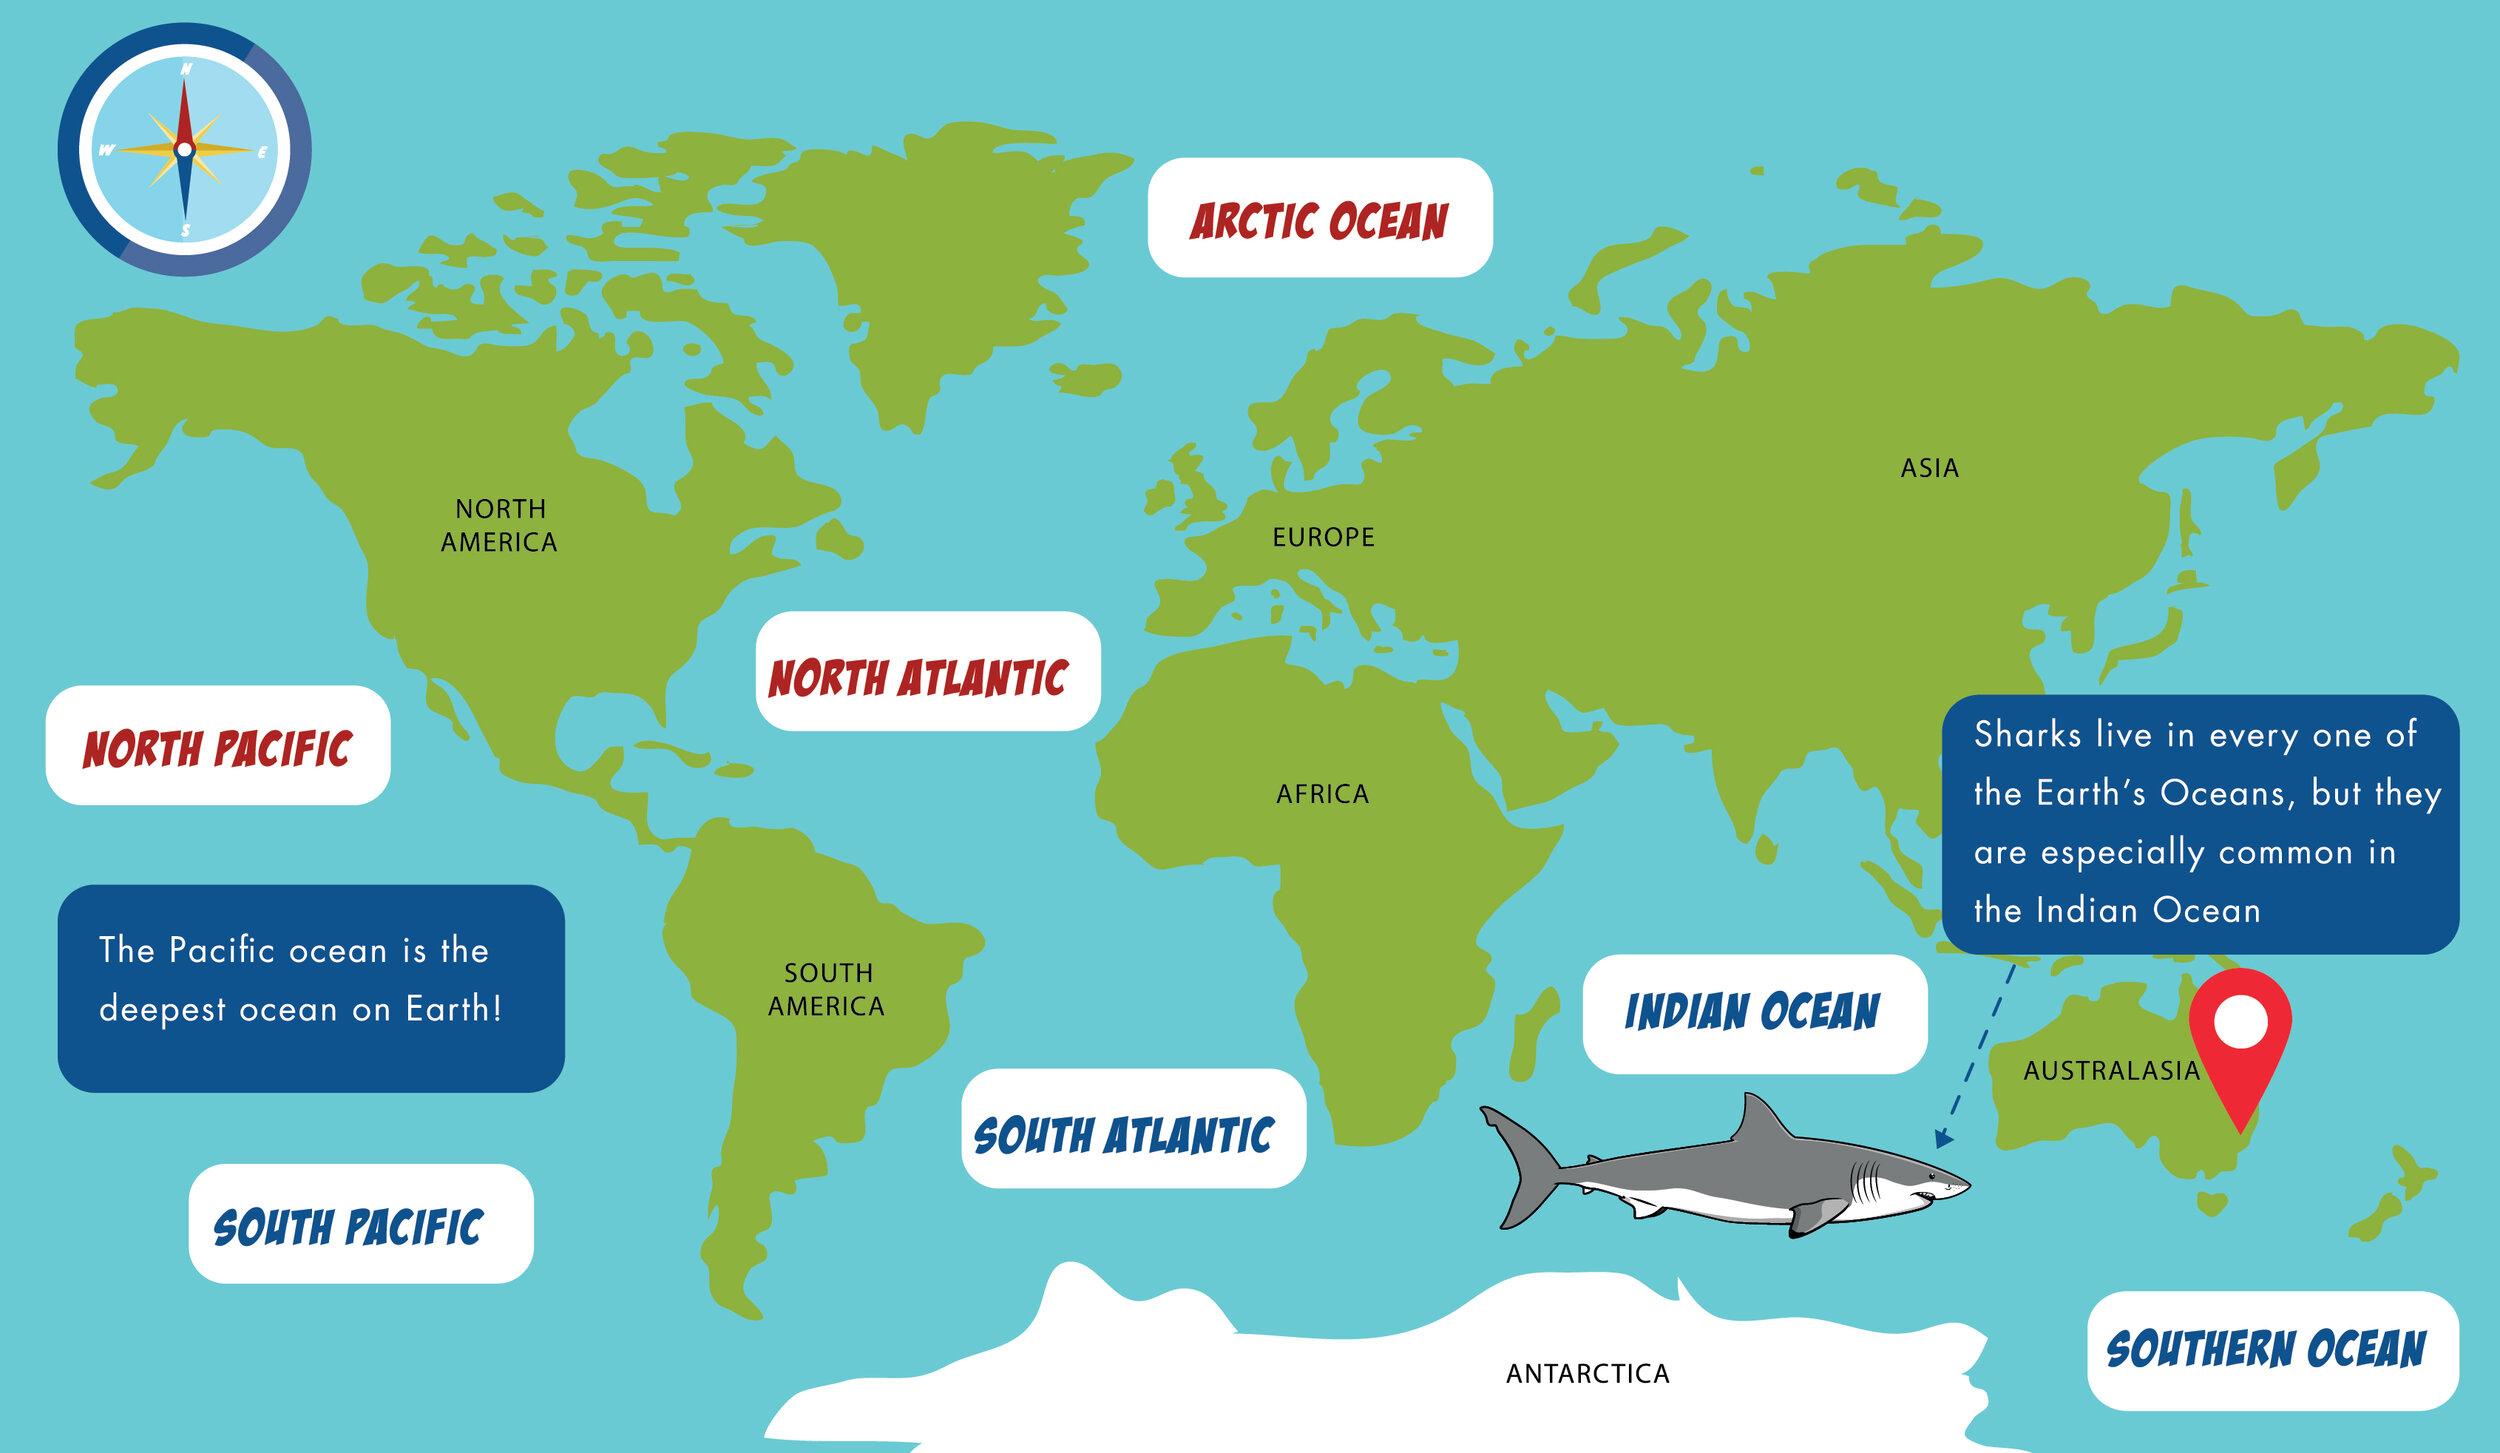 Worldmap-oceans_World map - oceans_World map - oceans.jpg